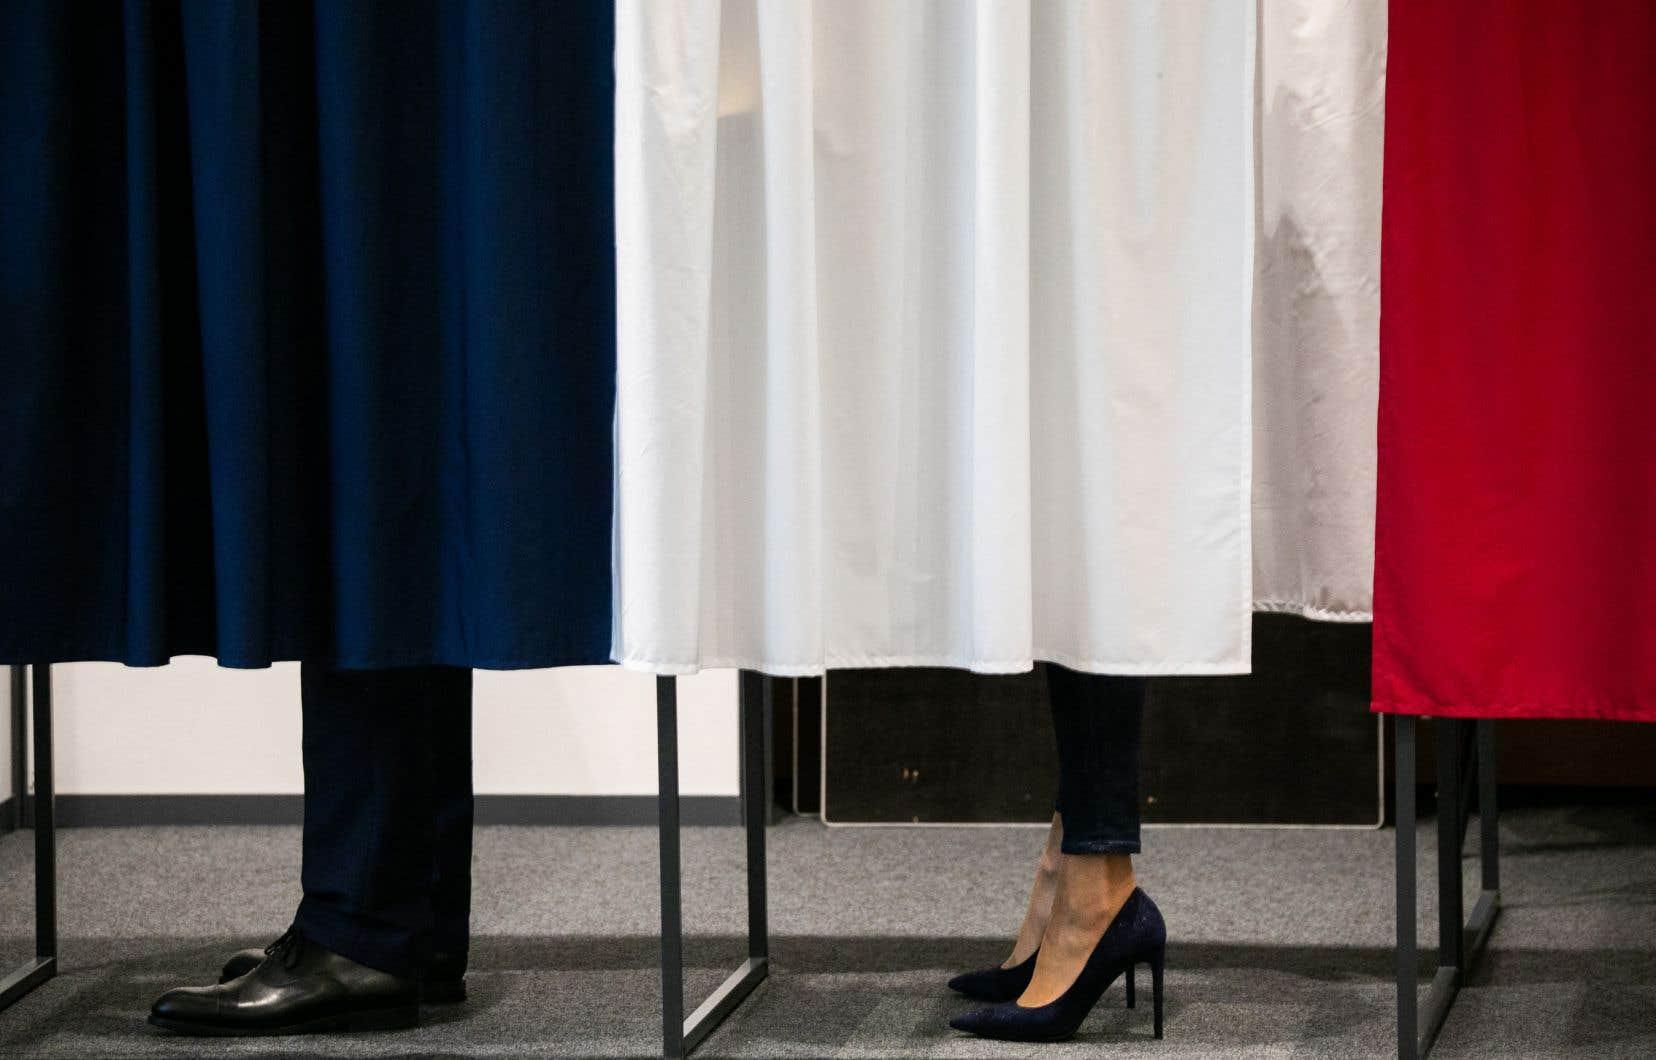 En plus d'être désertée par les électeurs, cette élection a connu plusieurs ratés dans son organisation.